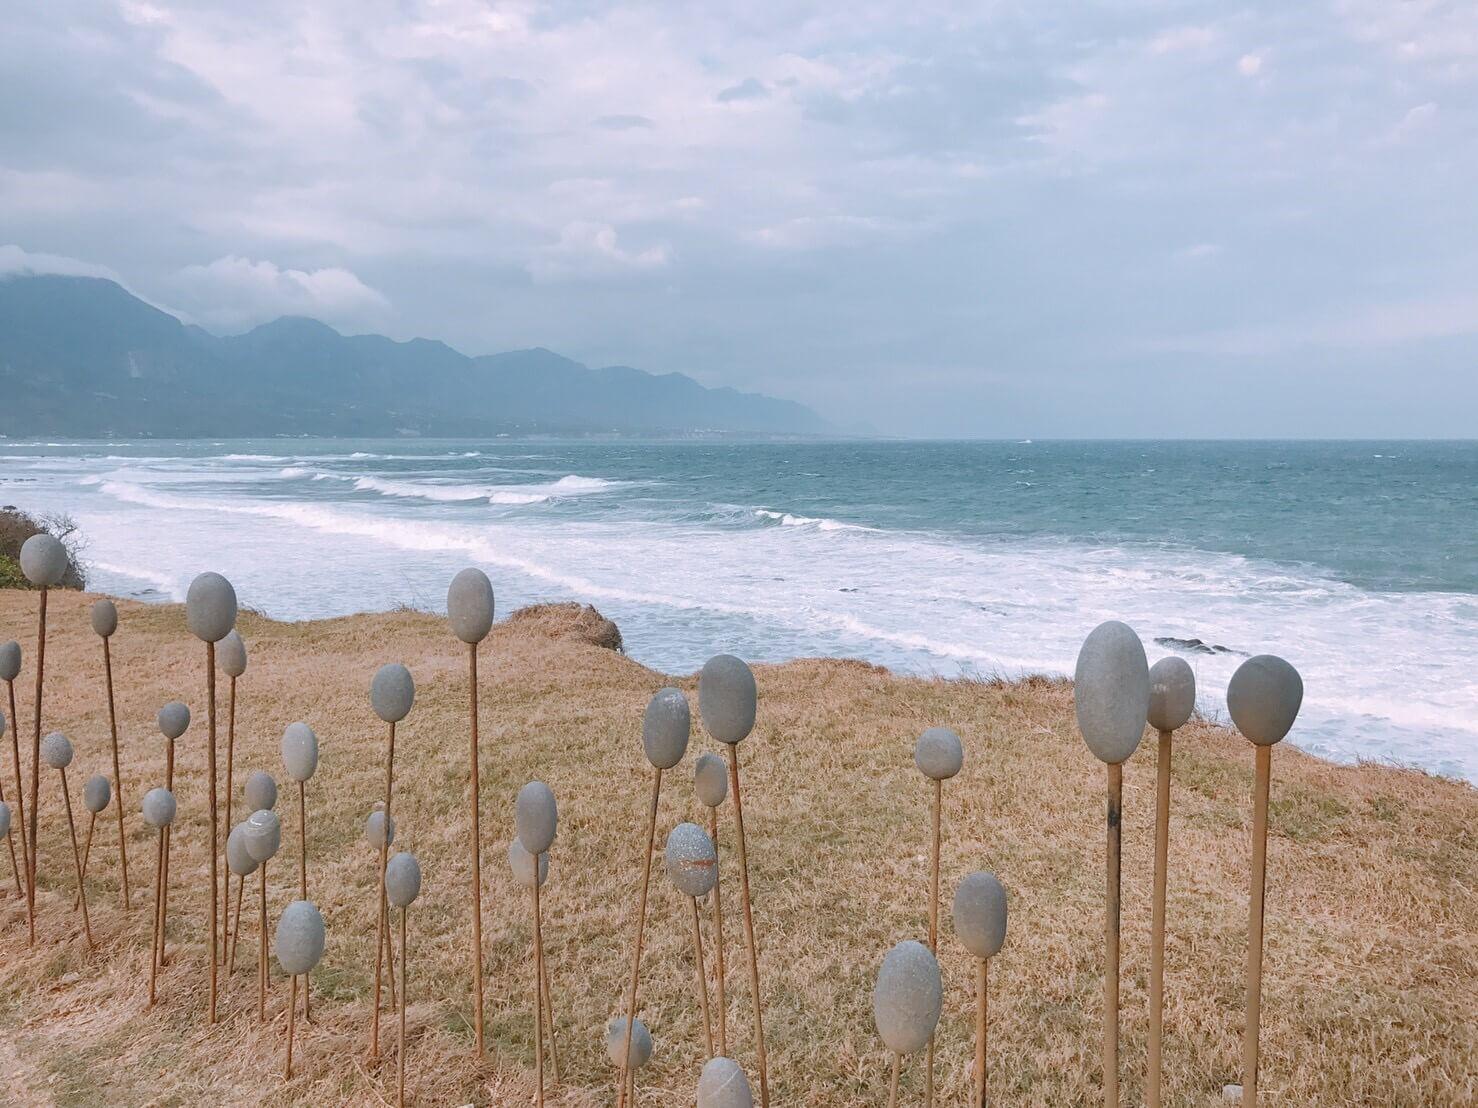 加路蘭有結合自然與創意的海洋風情。Photographer / Penny